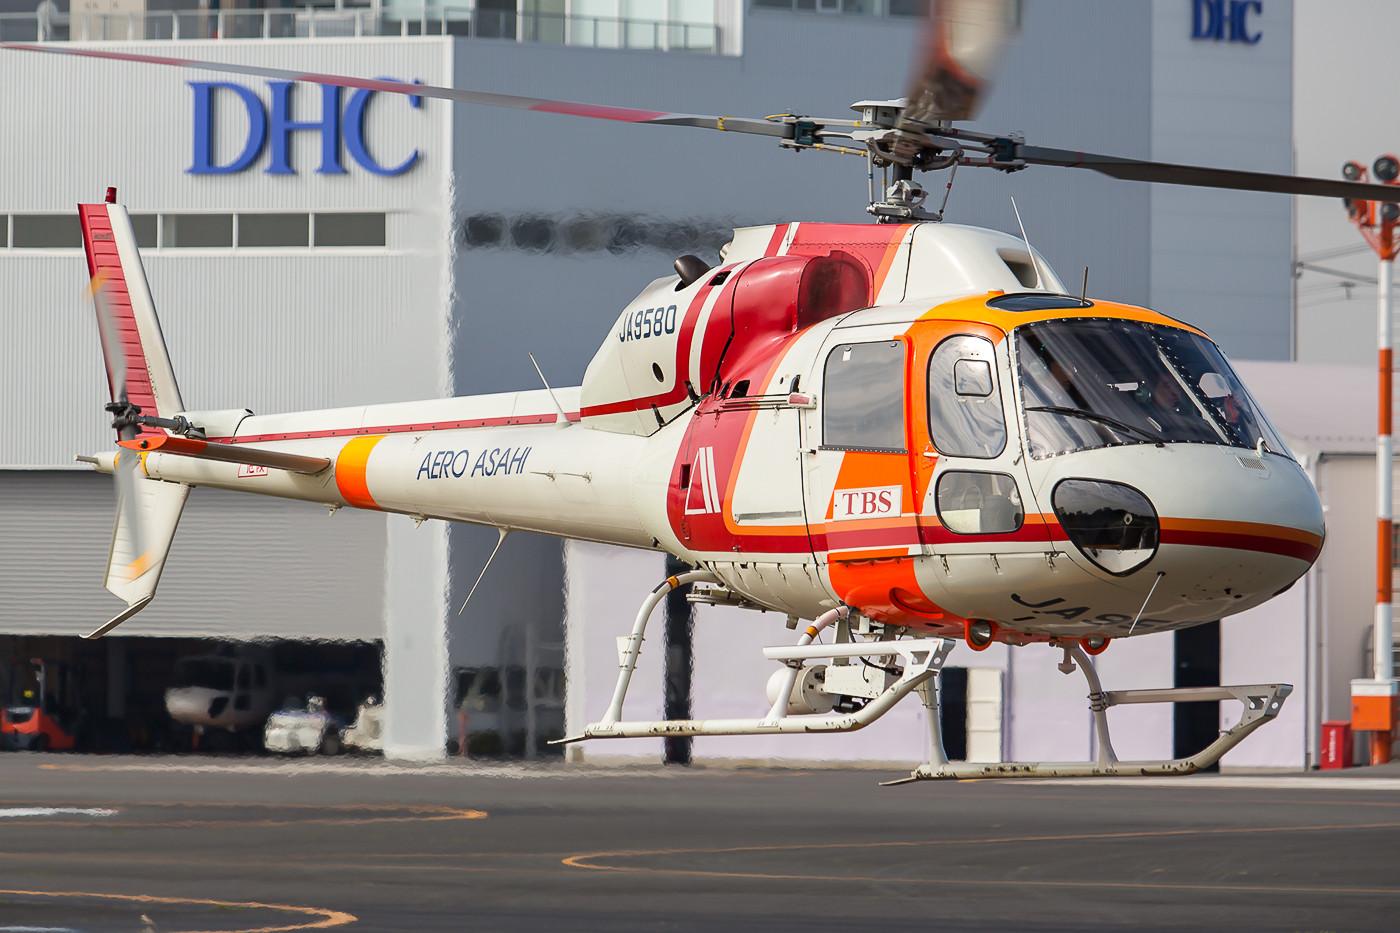 und hier die JA9580, eine AS-355 F2.